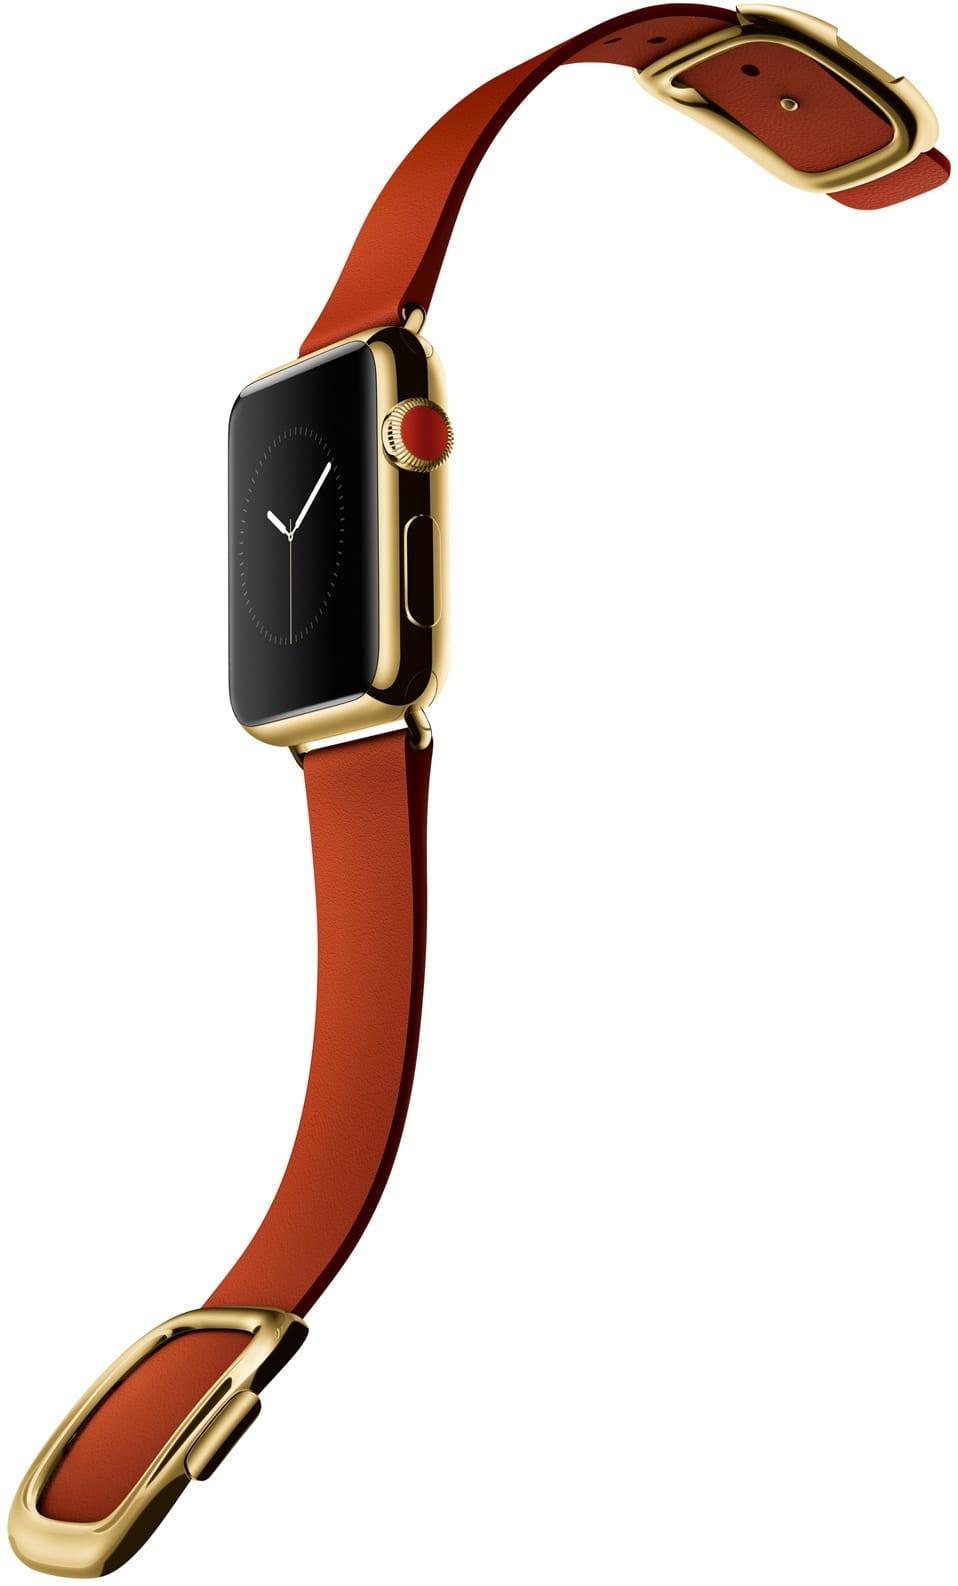 Quanto costerà l'Apple Watch Edition in oro?